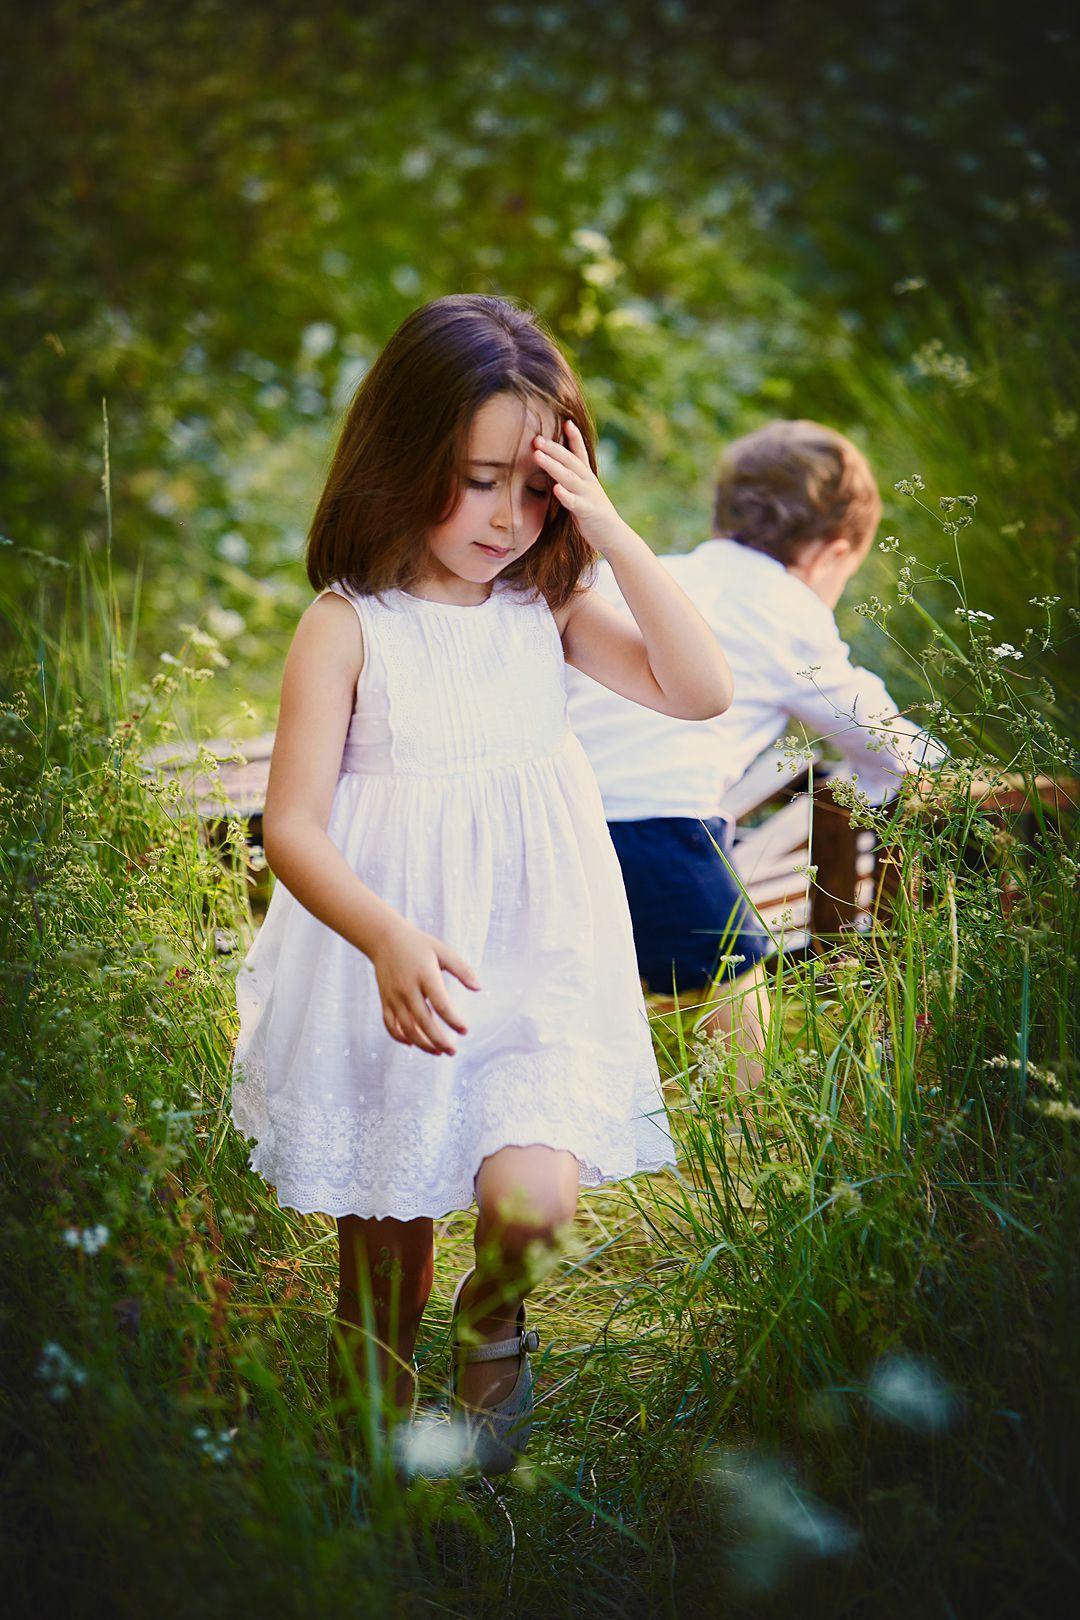 Reportaje-en-exterior-niños-paseando.